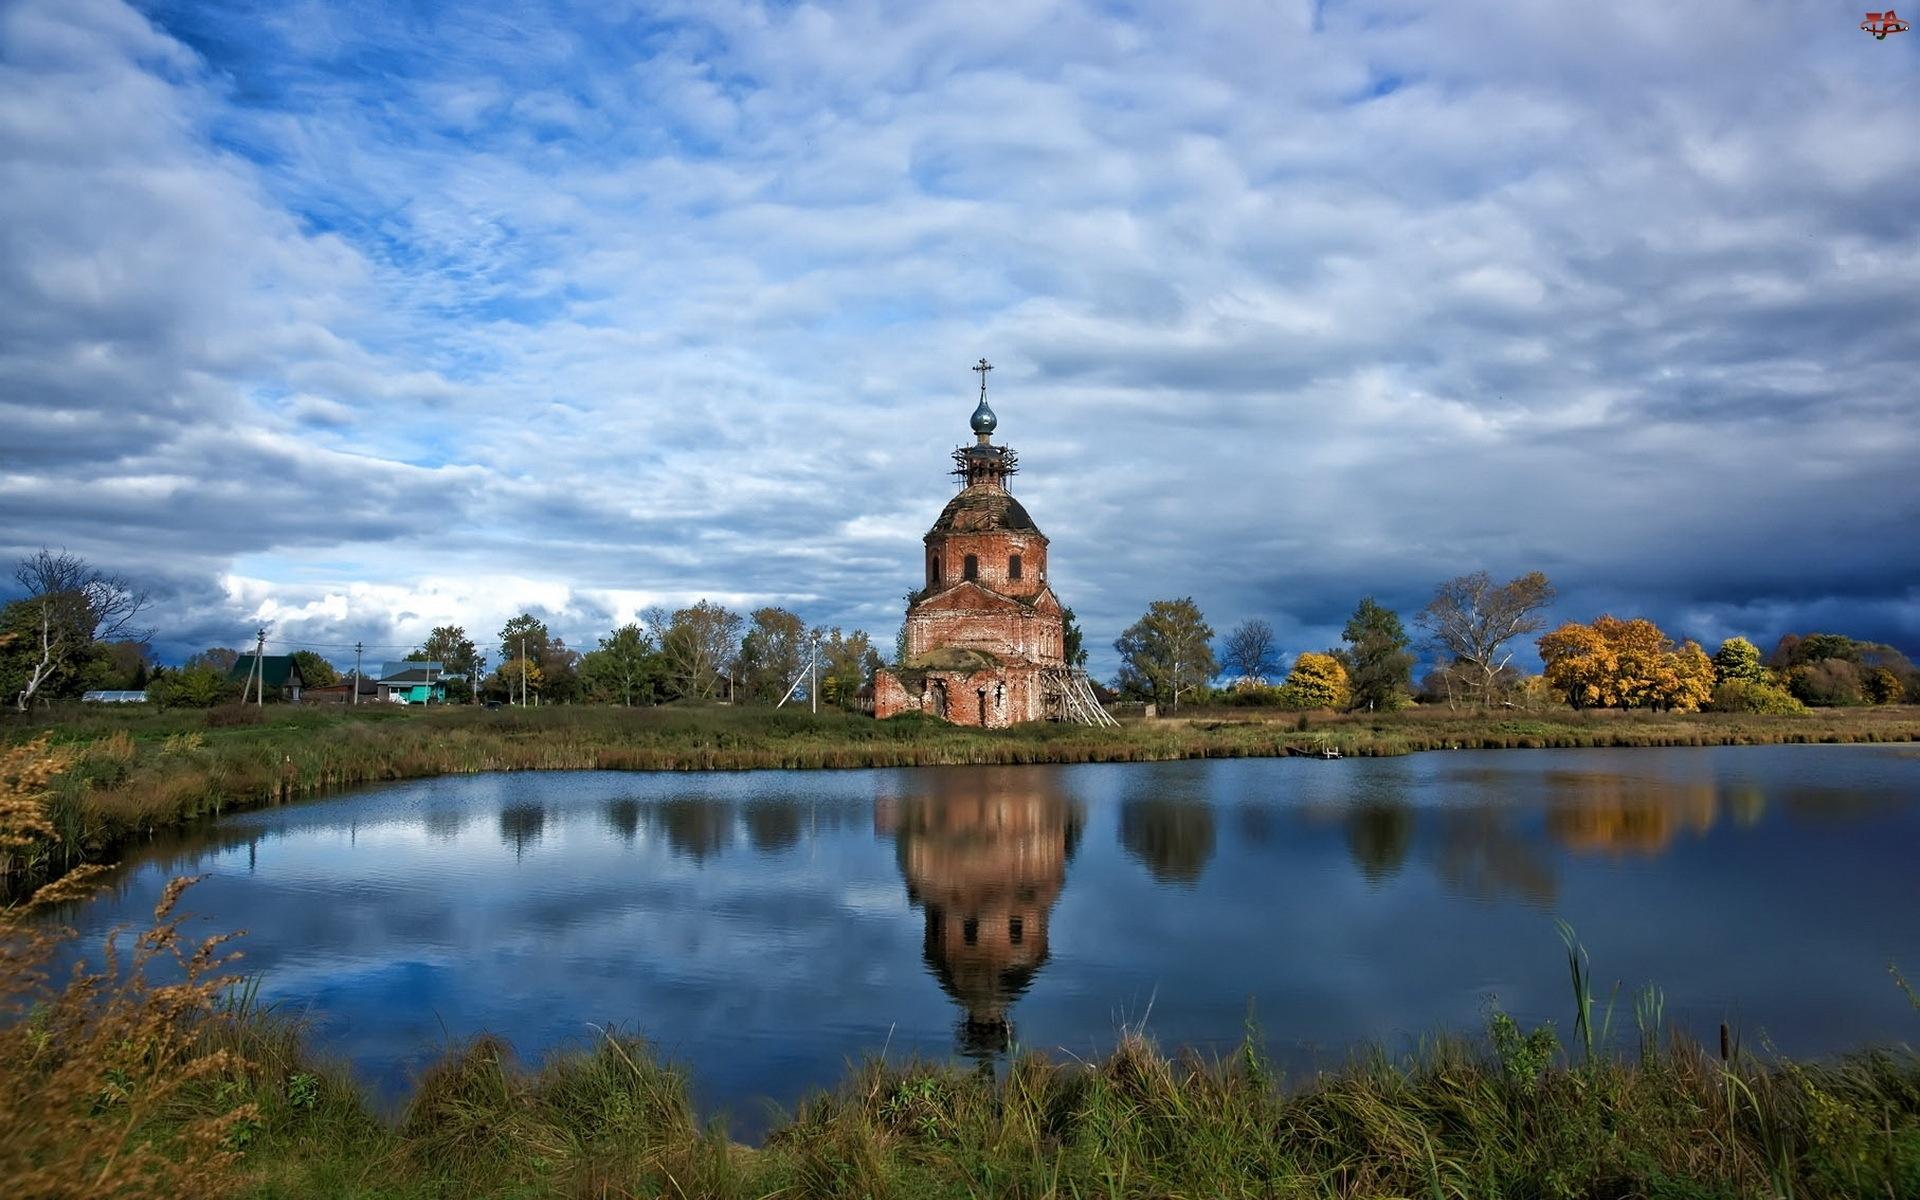 Chmury, Cerkiew, Jezioro, Ruiny, Drzewa